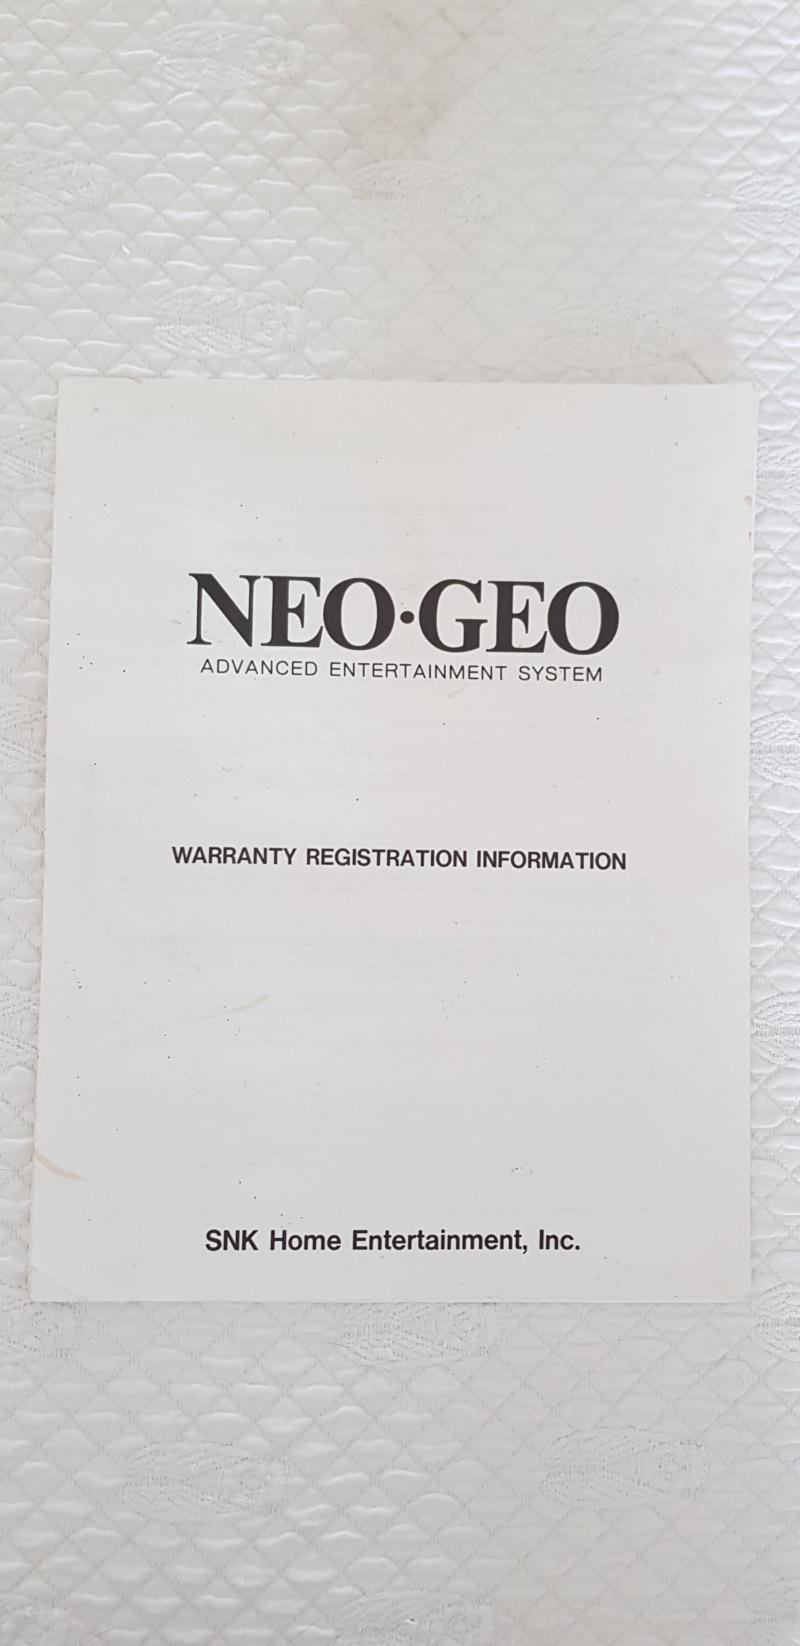 VENDU Phone Card, Certificat Garantie Gold System, Certificat NEO-O 20200713